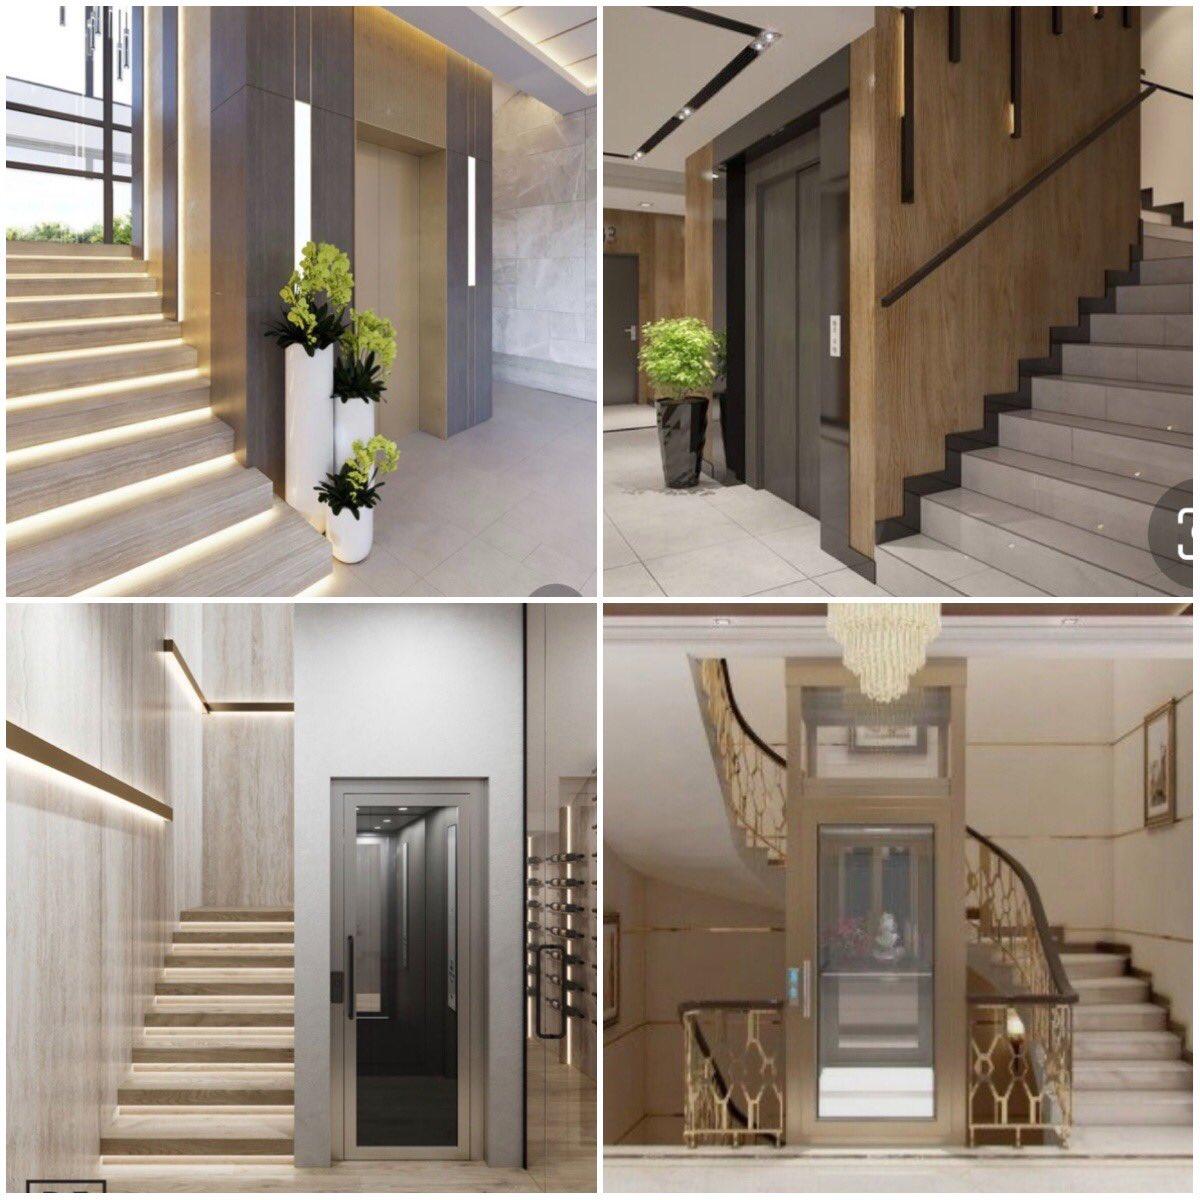 مساحة بيت الدرج مع المصعد